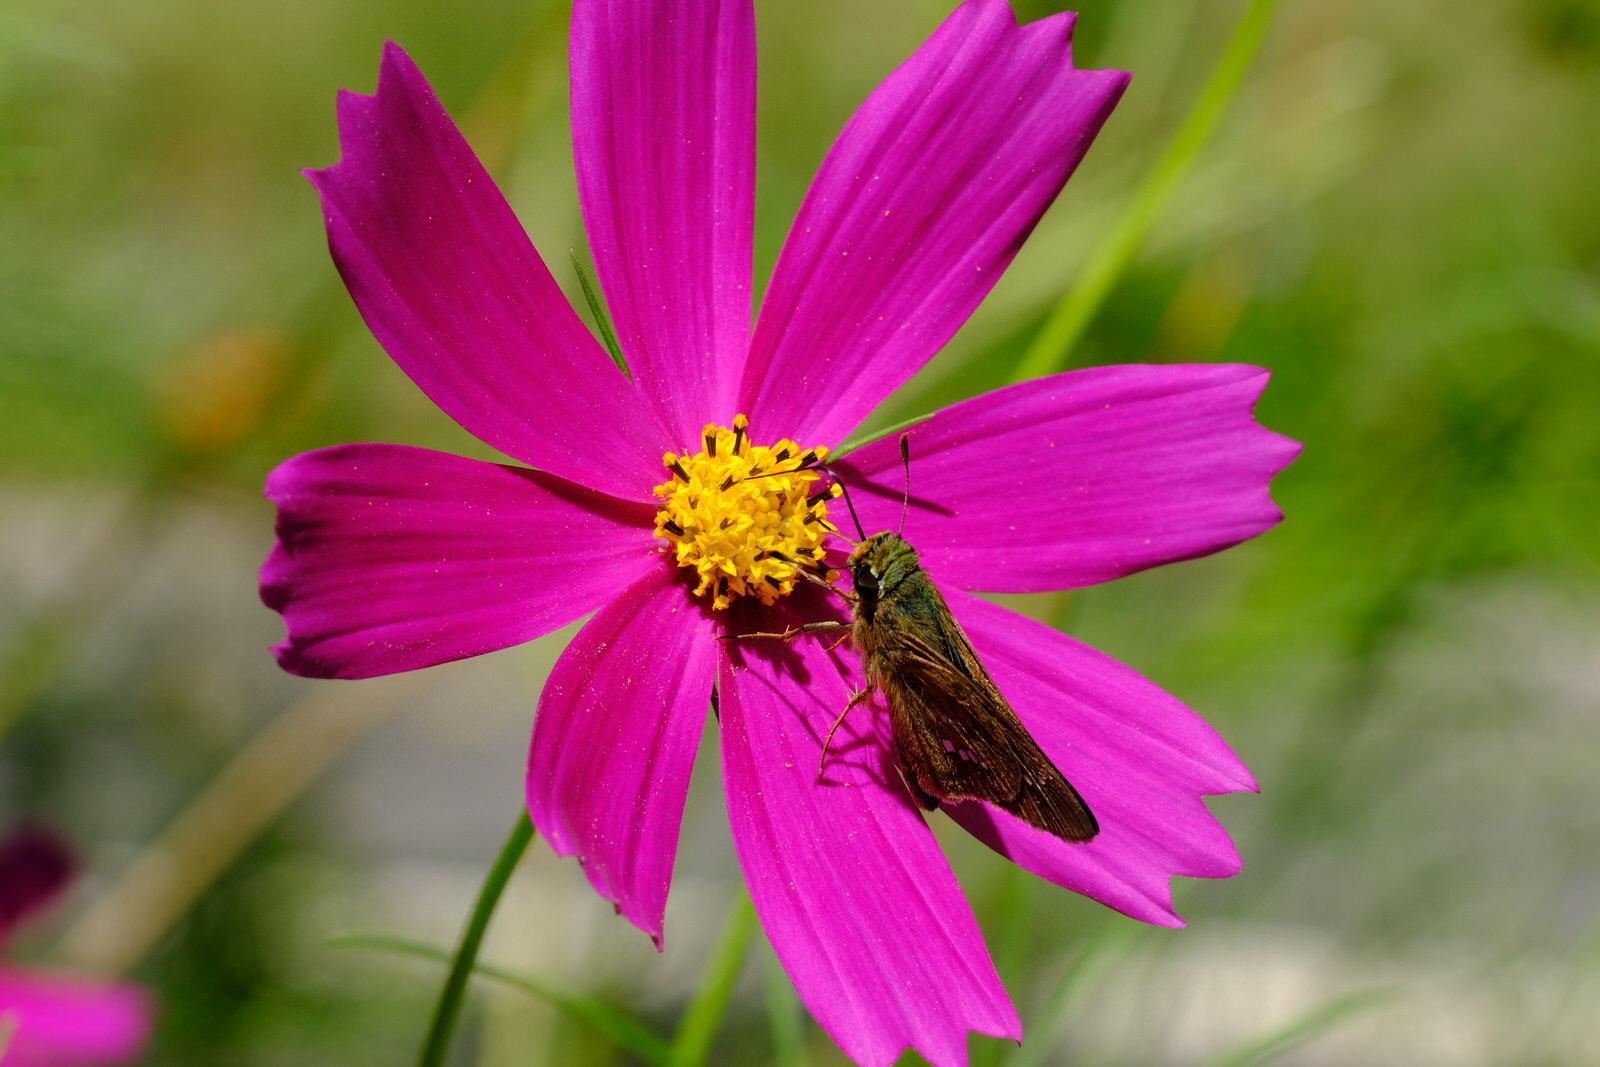 花・高山植物の撮り方のコツ~絞り、露出補正、シャッター速度~